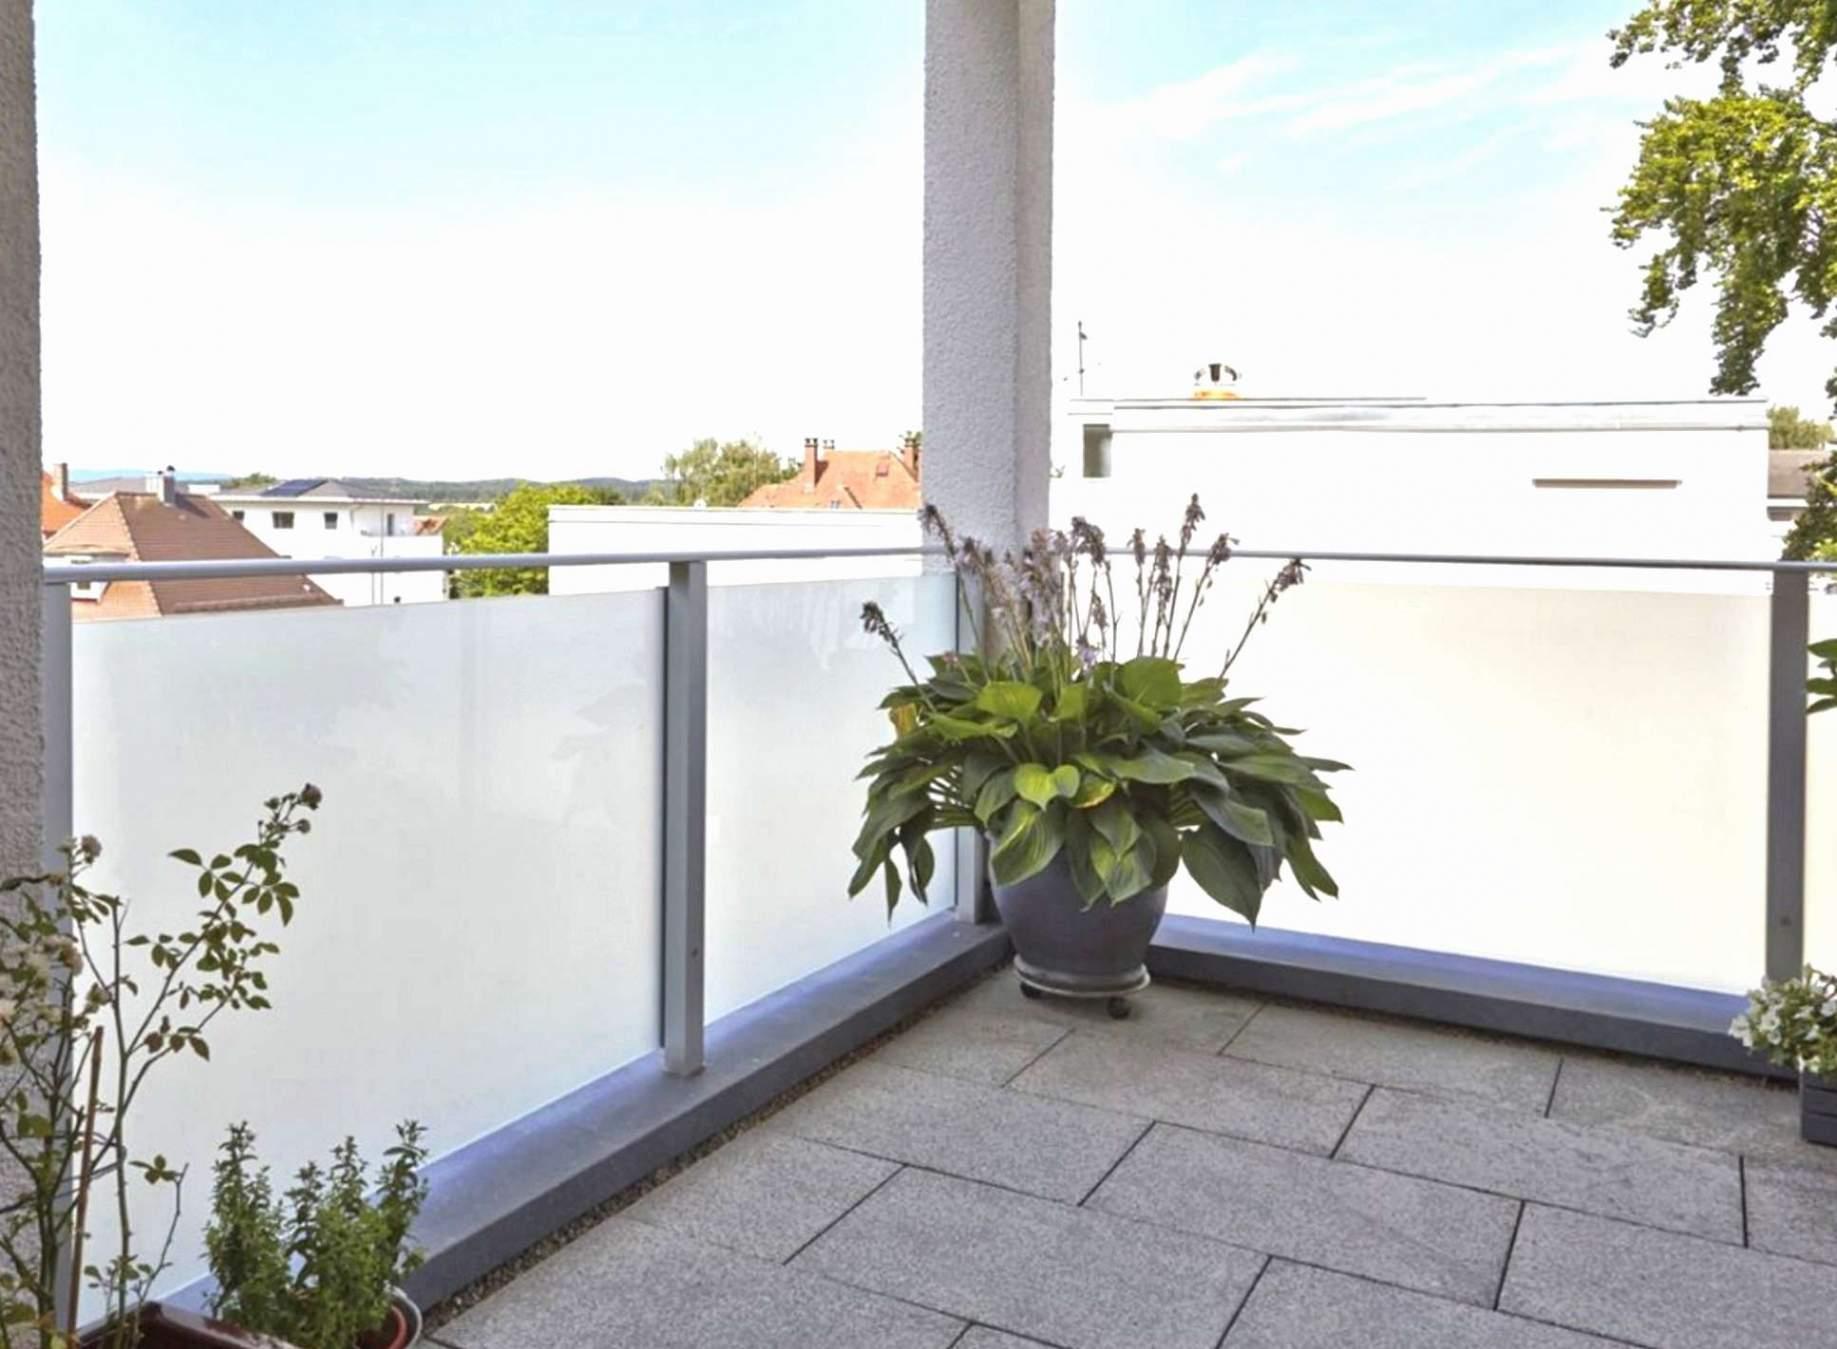 45 luxus sichtschutz ideen bilder hohe pflanzen als sichtschutz hohe pflanzen als sichtschutz